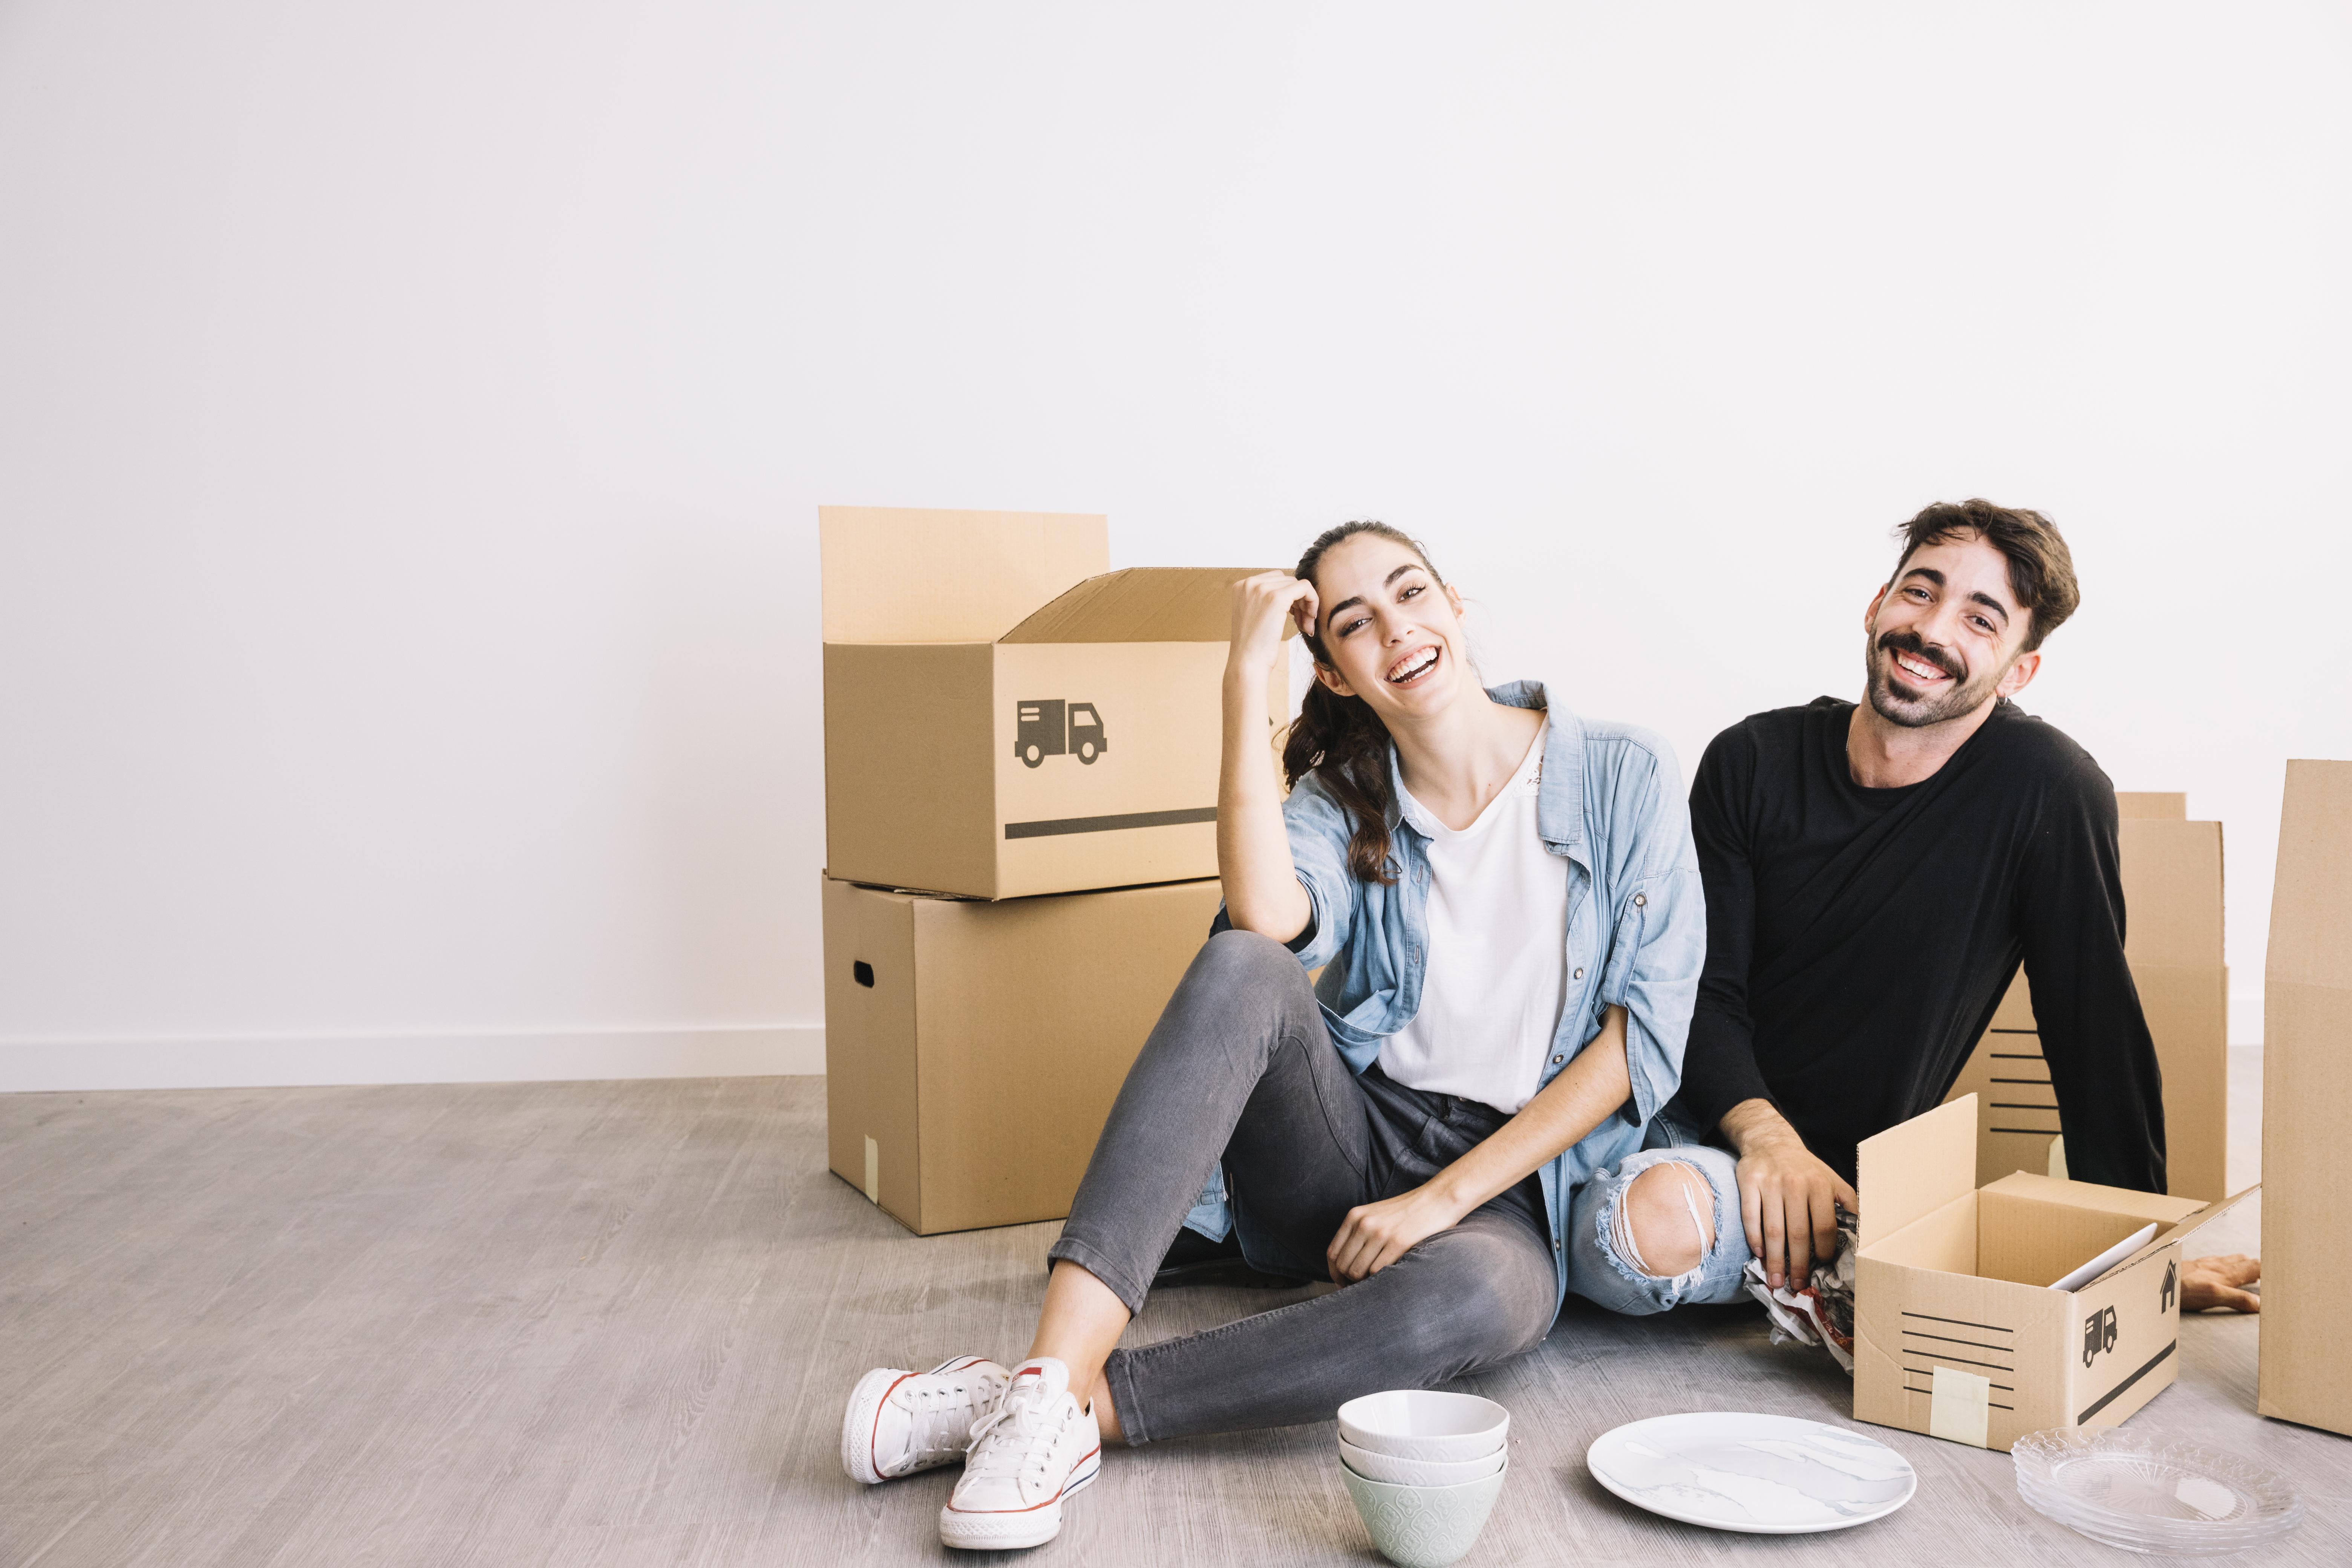 Una pareja sentada con cajas de mudanza con seguro de inquilinos